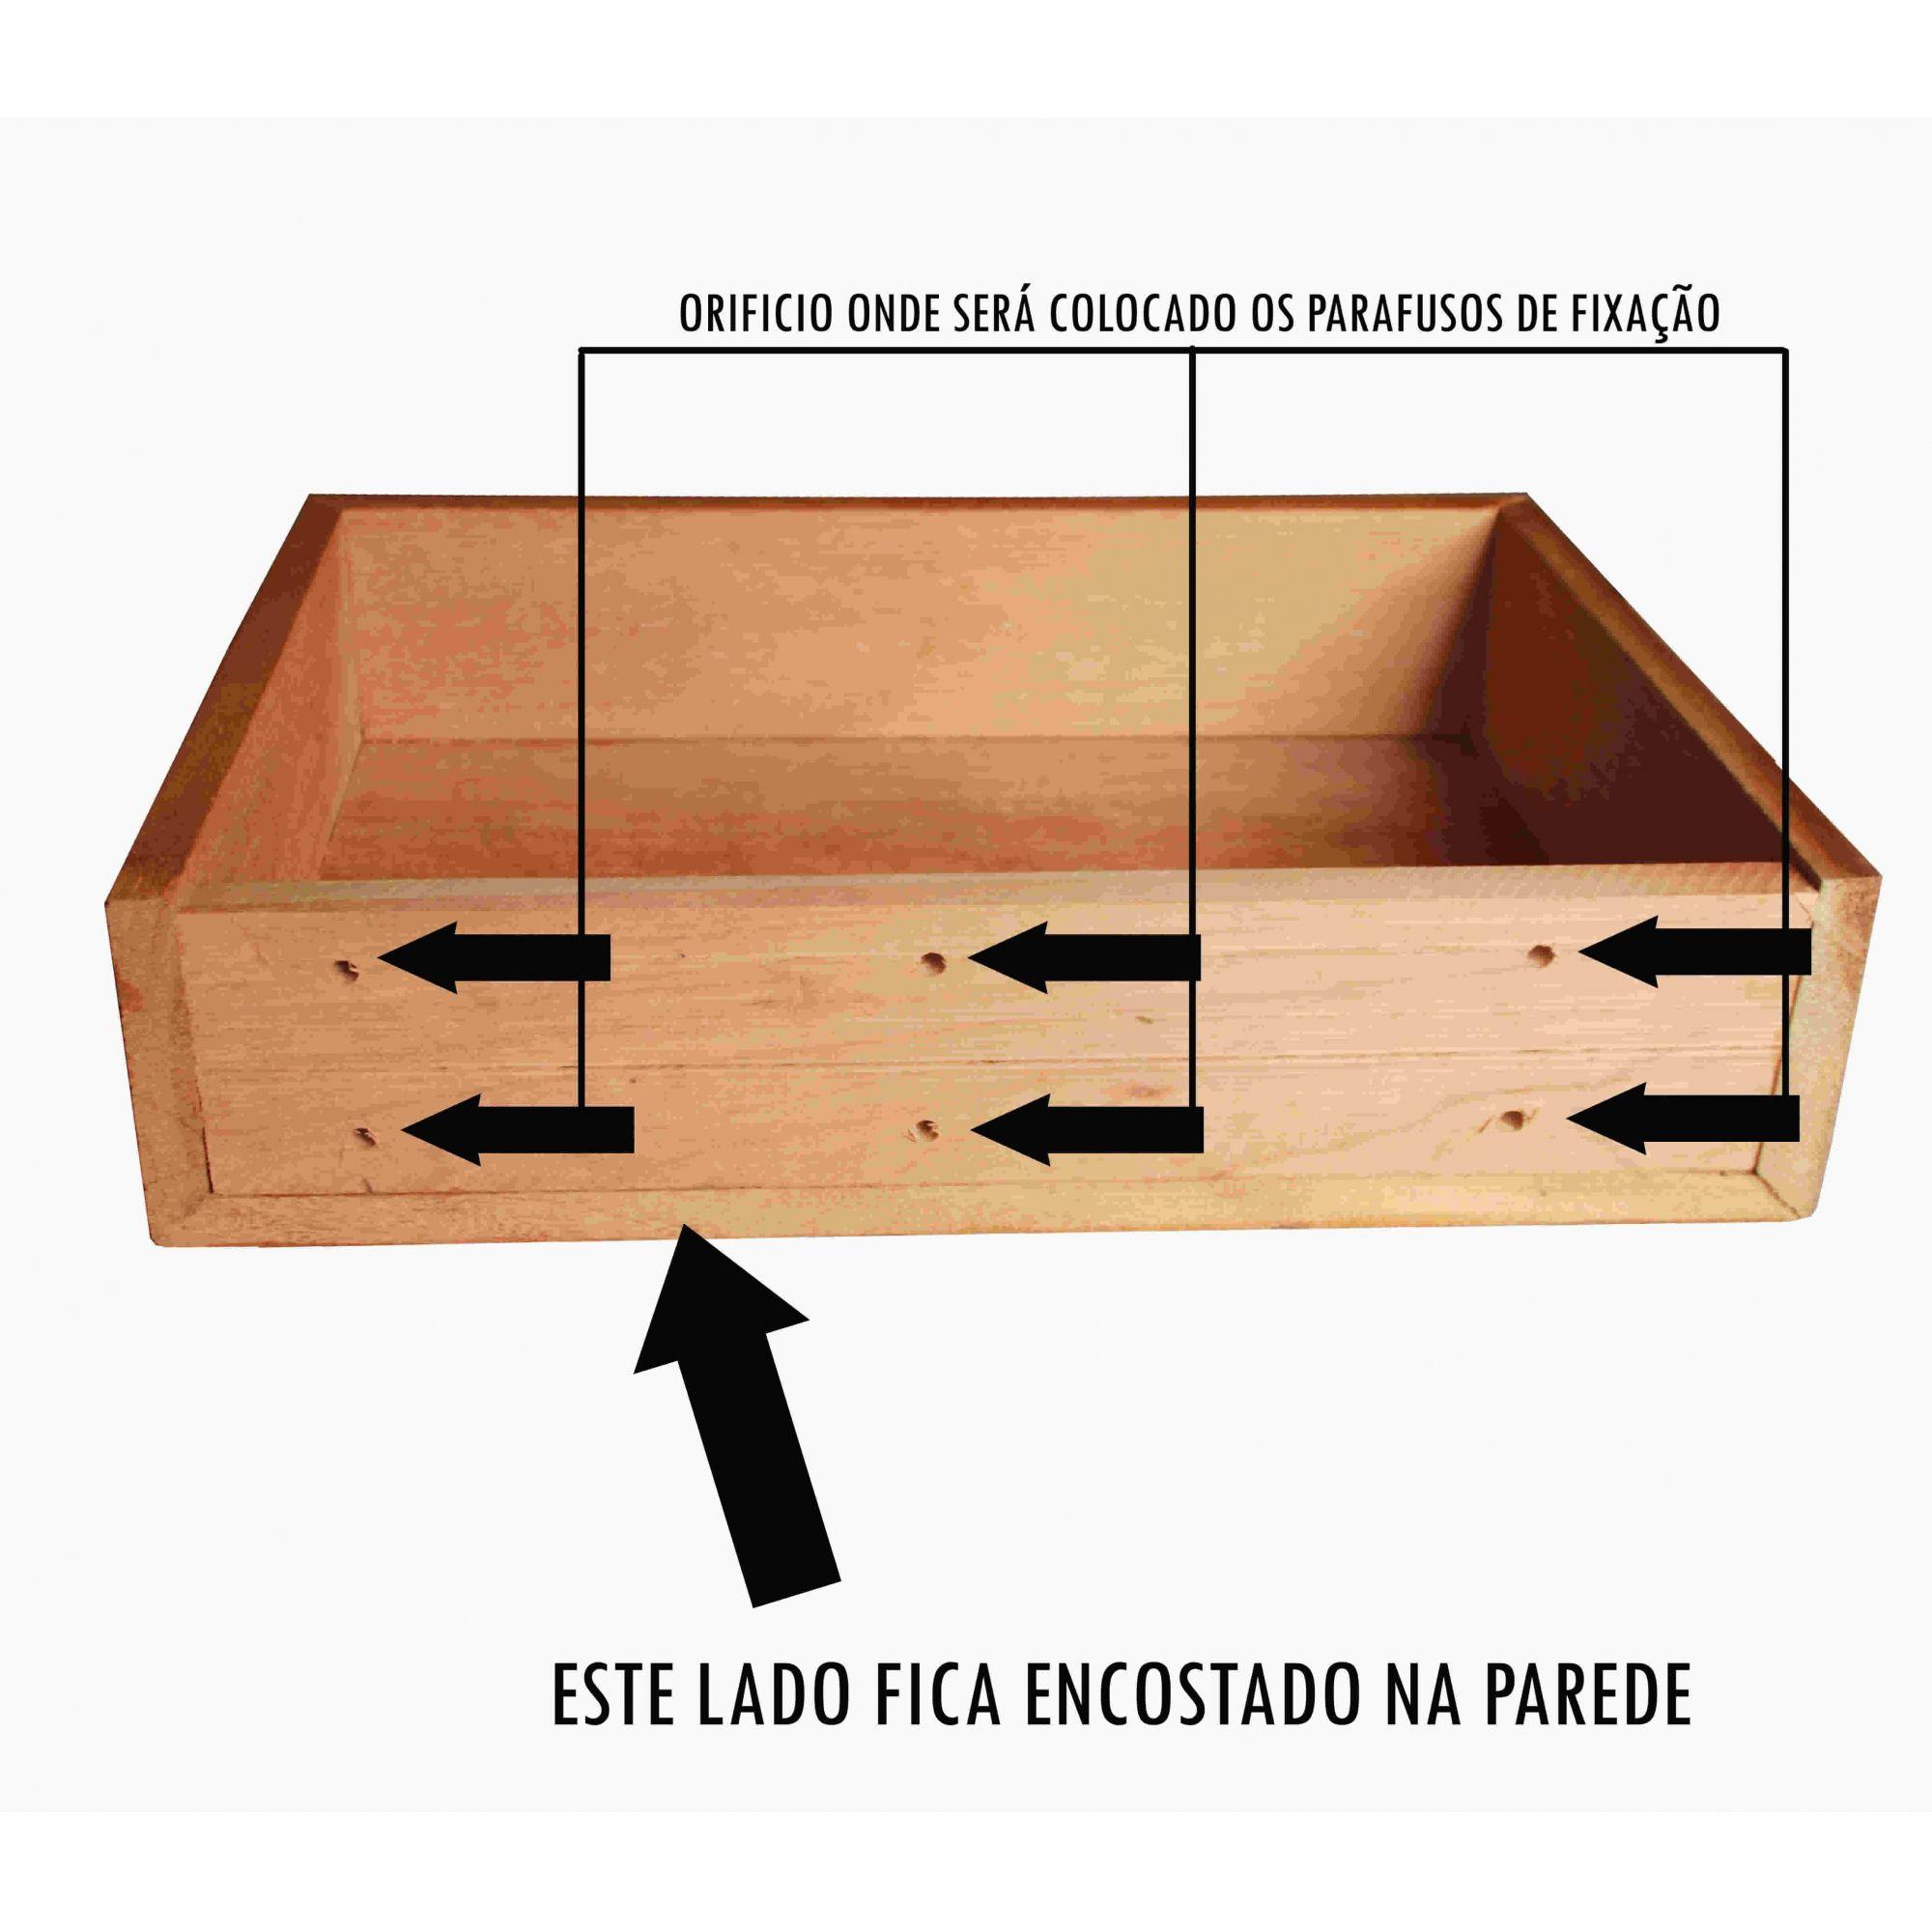 Bancada de Banheiro Fabricada em Madeira de Demolição Medindo 100x40cm